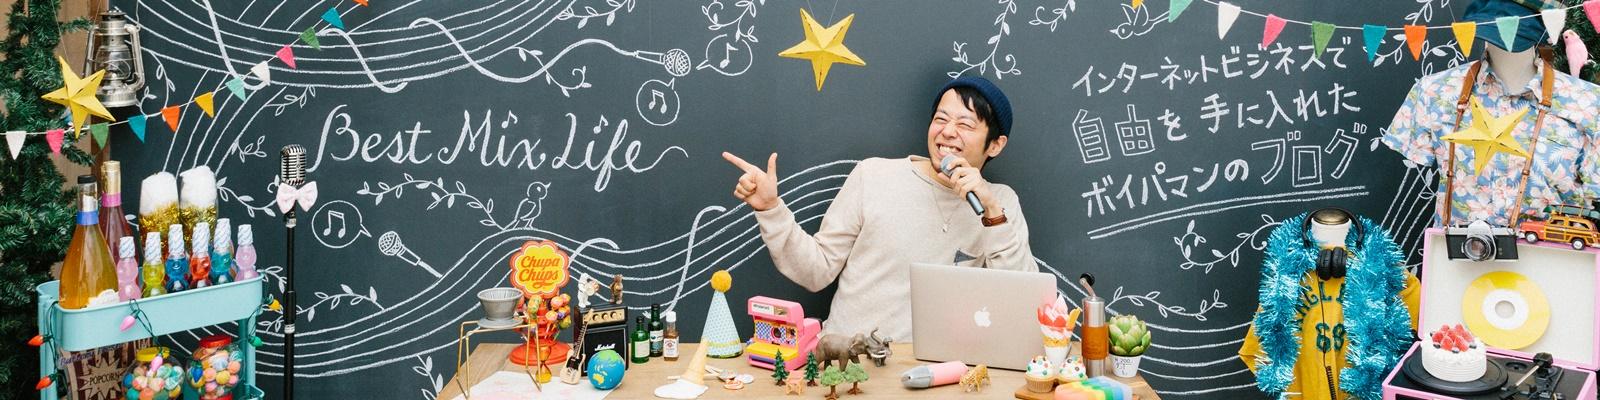 ボイパマン・結城おさむからインターネットビジネスを学ぶブログ~Best Mix Life~